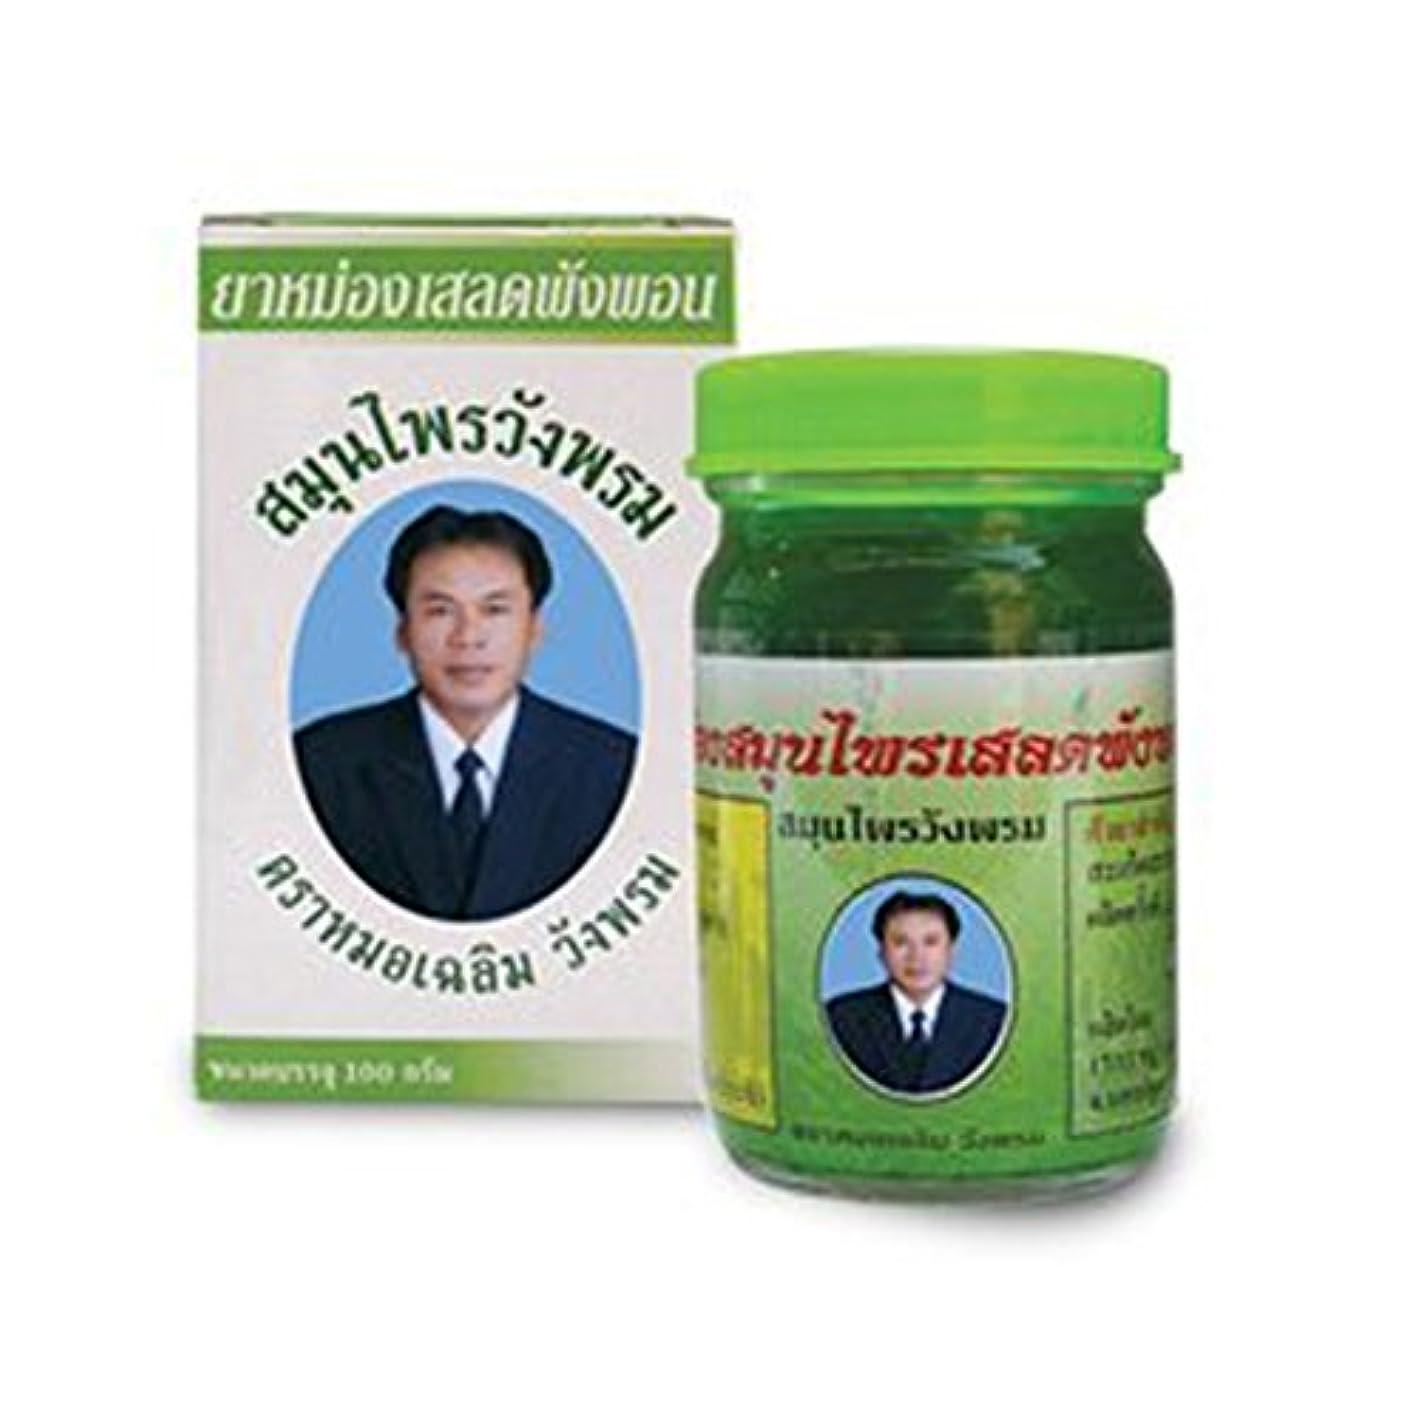 溶けたバルブ電子レンジChariot Trading – 50 g Thai Best Wangphrom Barleria LupulinaグリーンBalm Herb